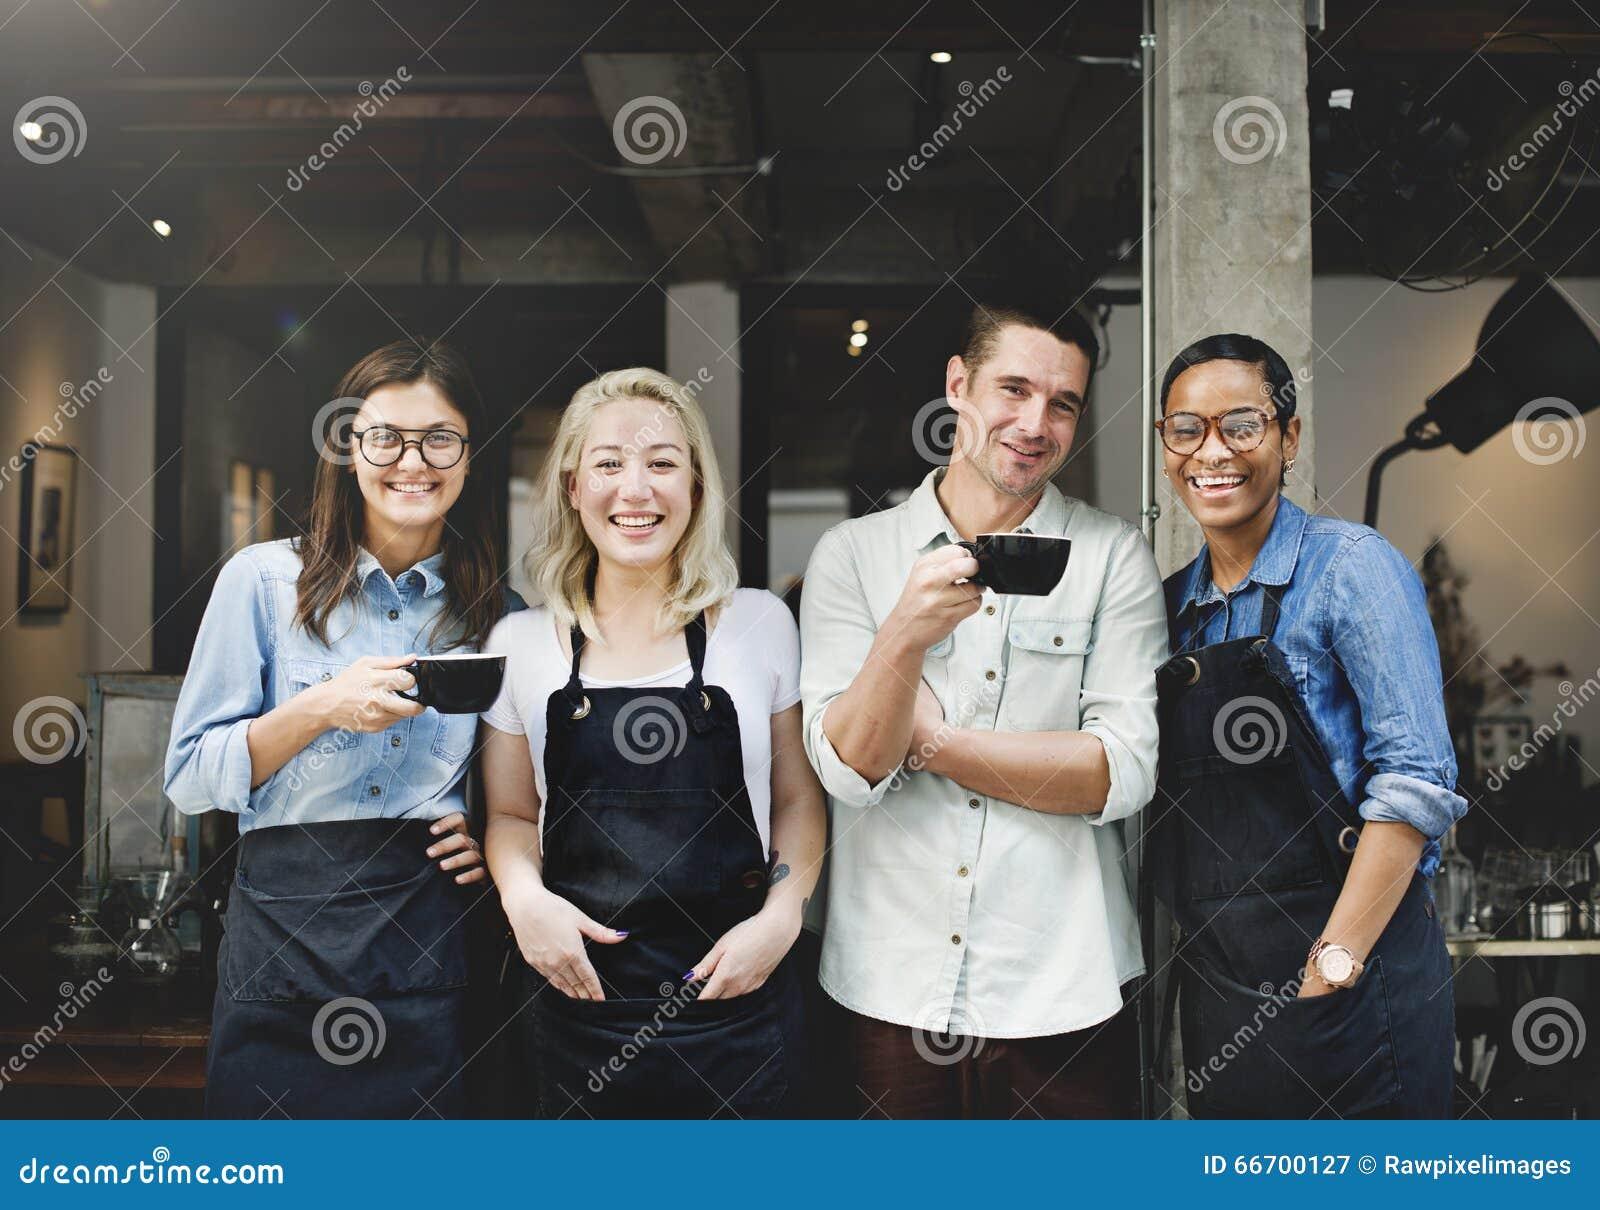 Sociedad Barista Coffee Shop Concept de los amigos